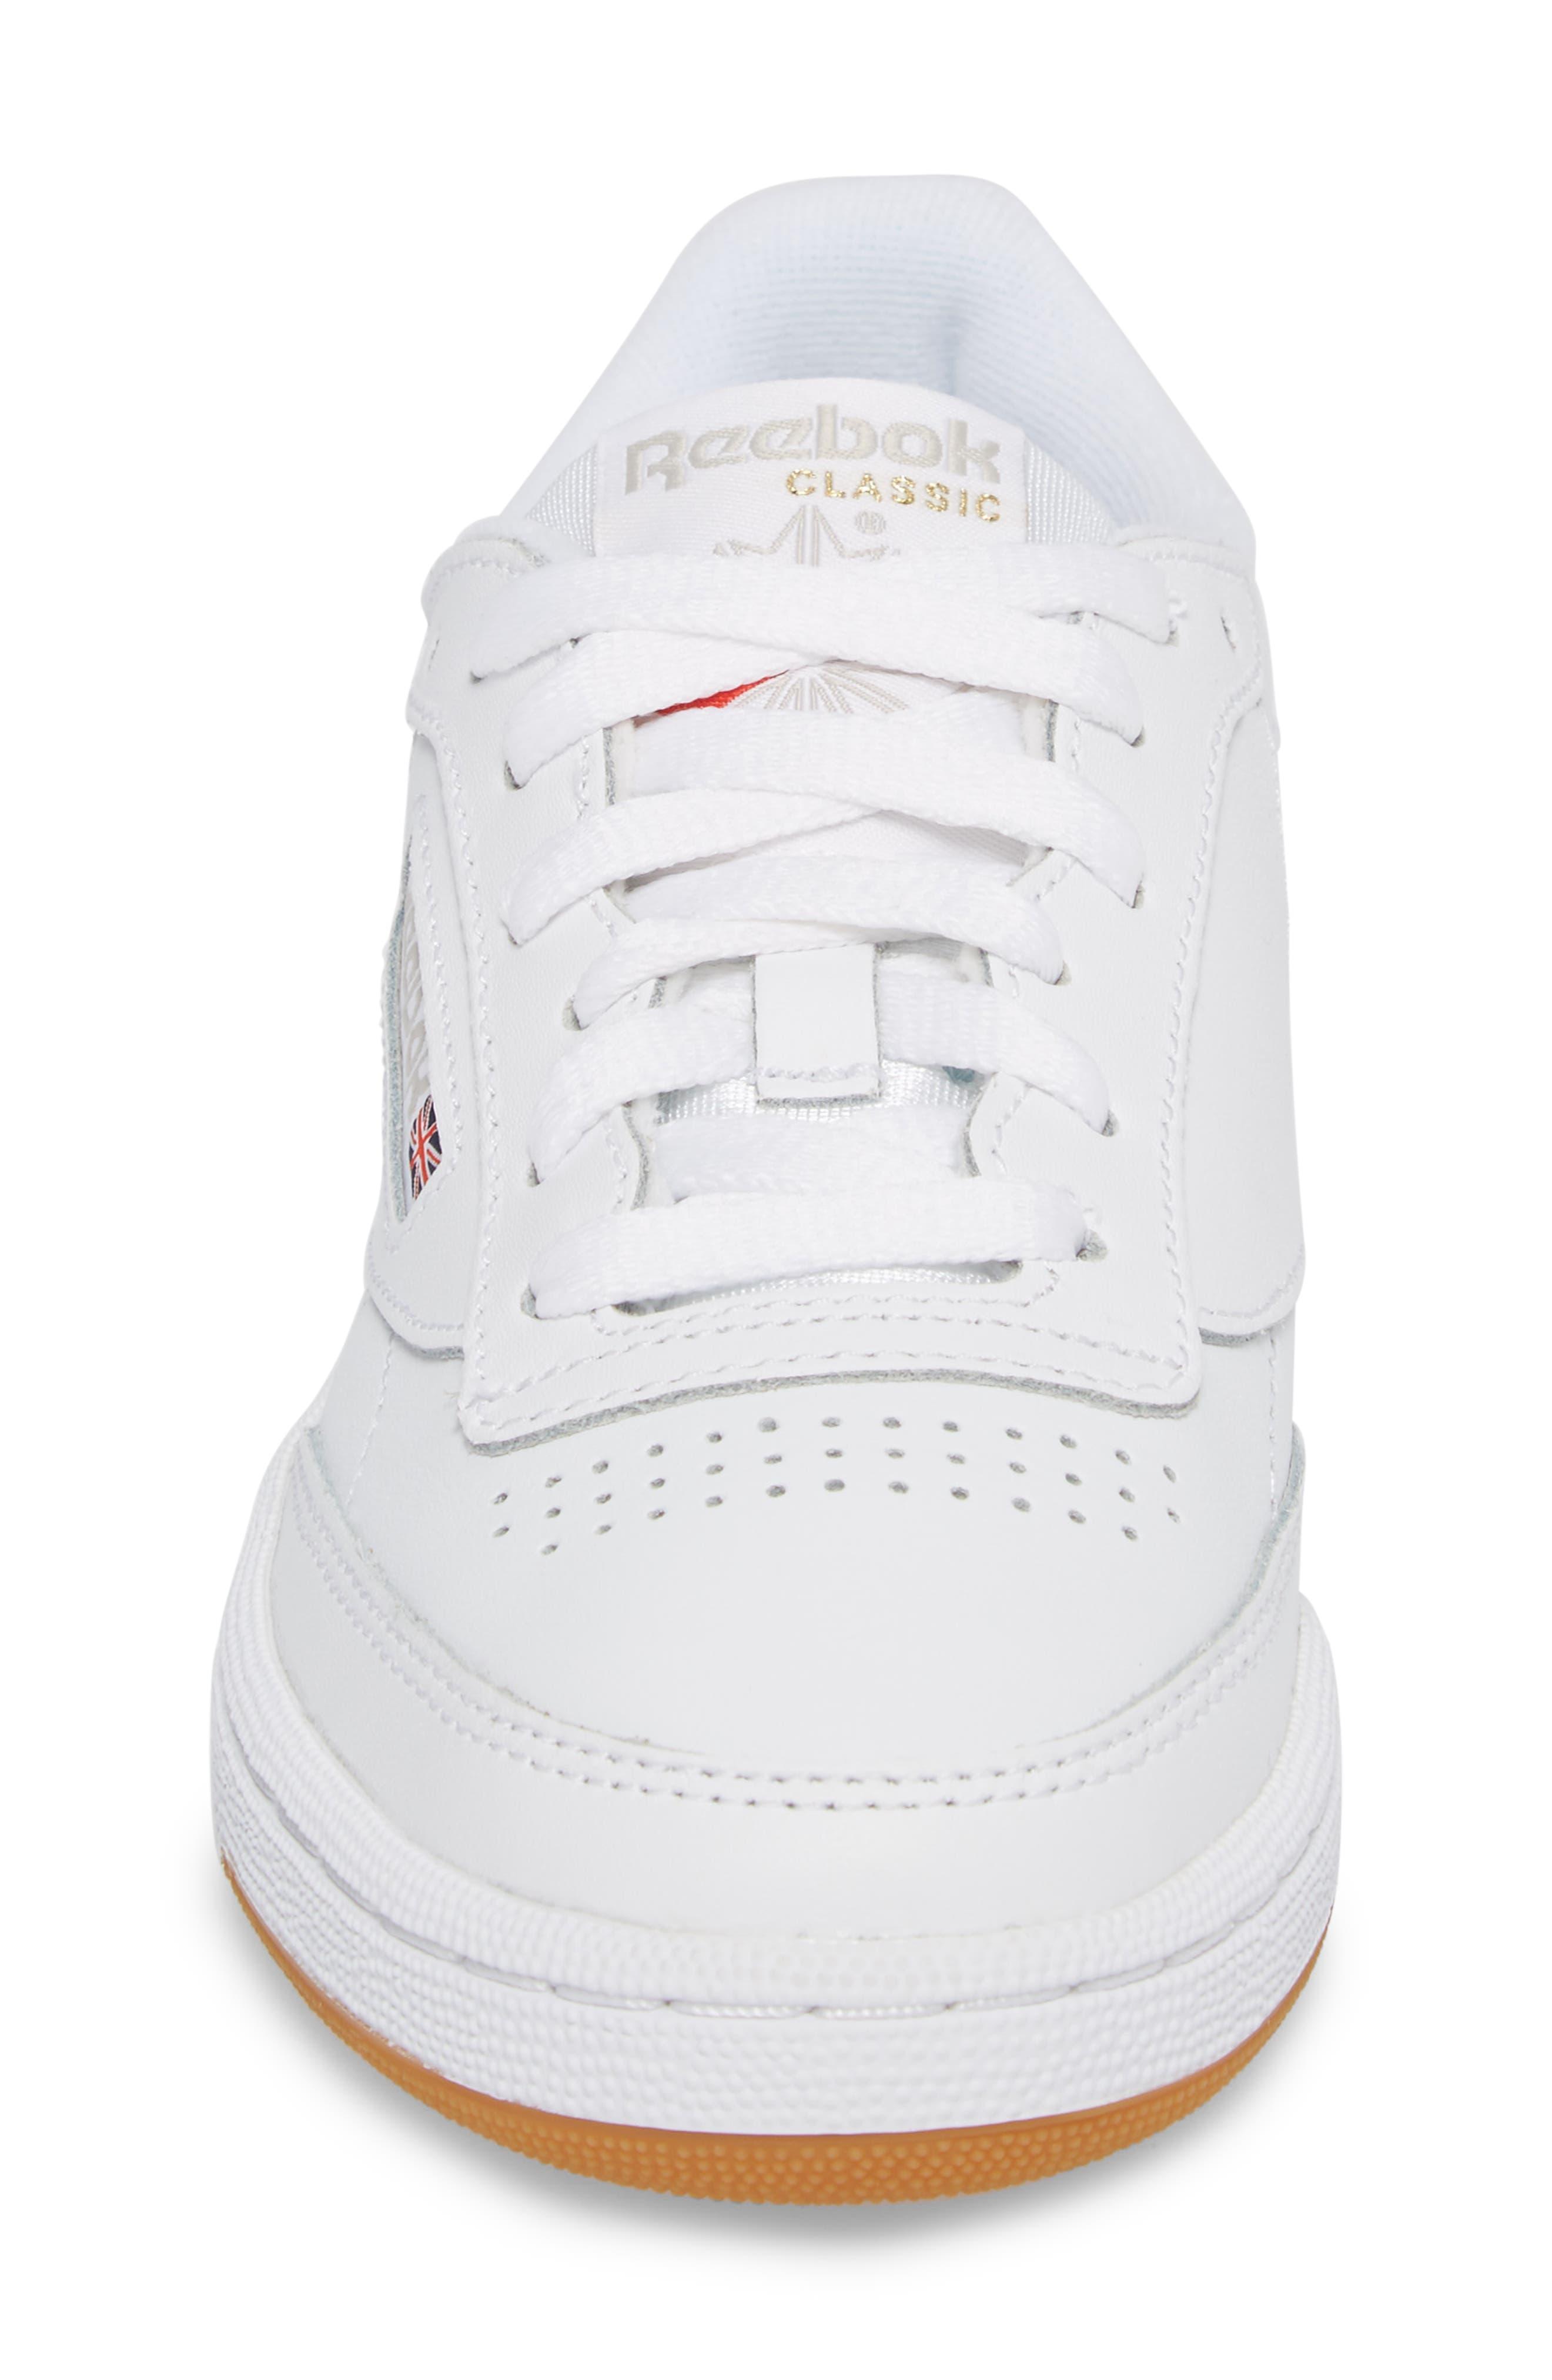 Club C 85 Sneaker,                             Alternate thumbnail 4, color,                             WHITE/ LIGHT GREY/ GUM